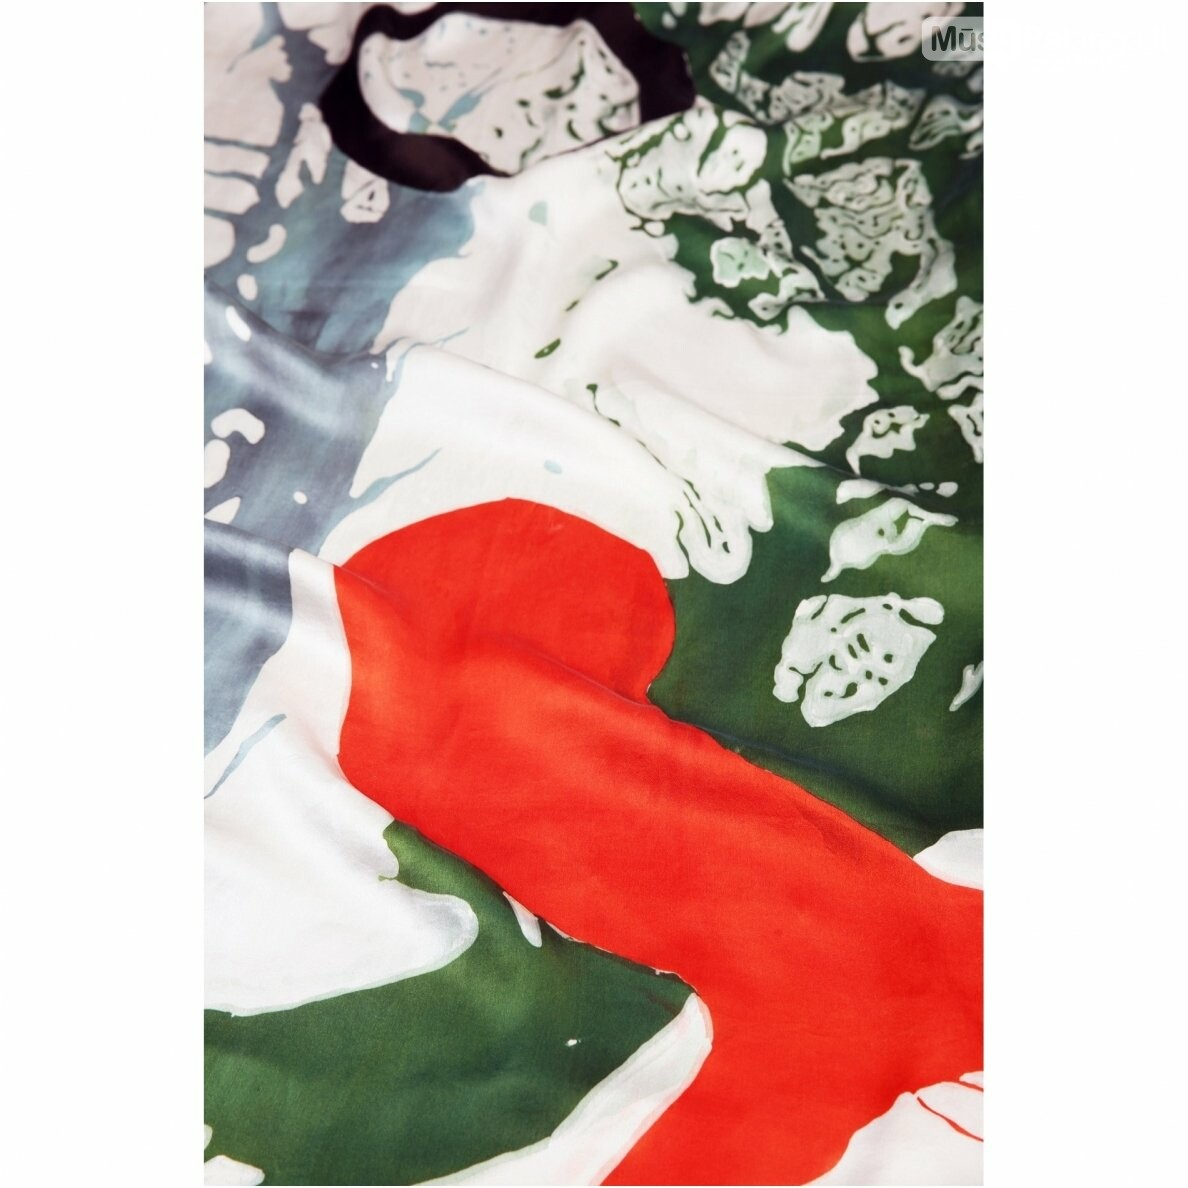 Didžiausia šilko kolekcija įsikurs Palangoje: kvies apžiūrėti neįprastu būdu, nuotrauka-16